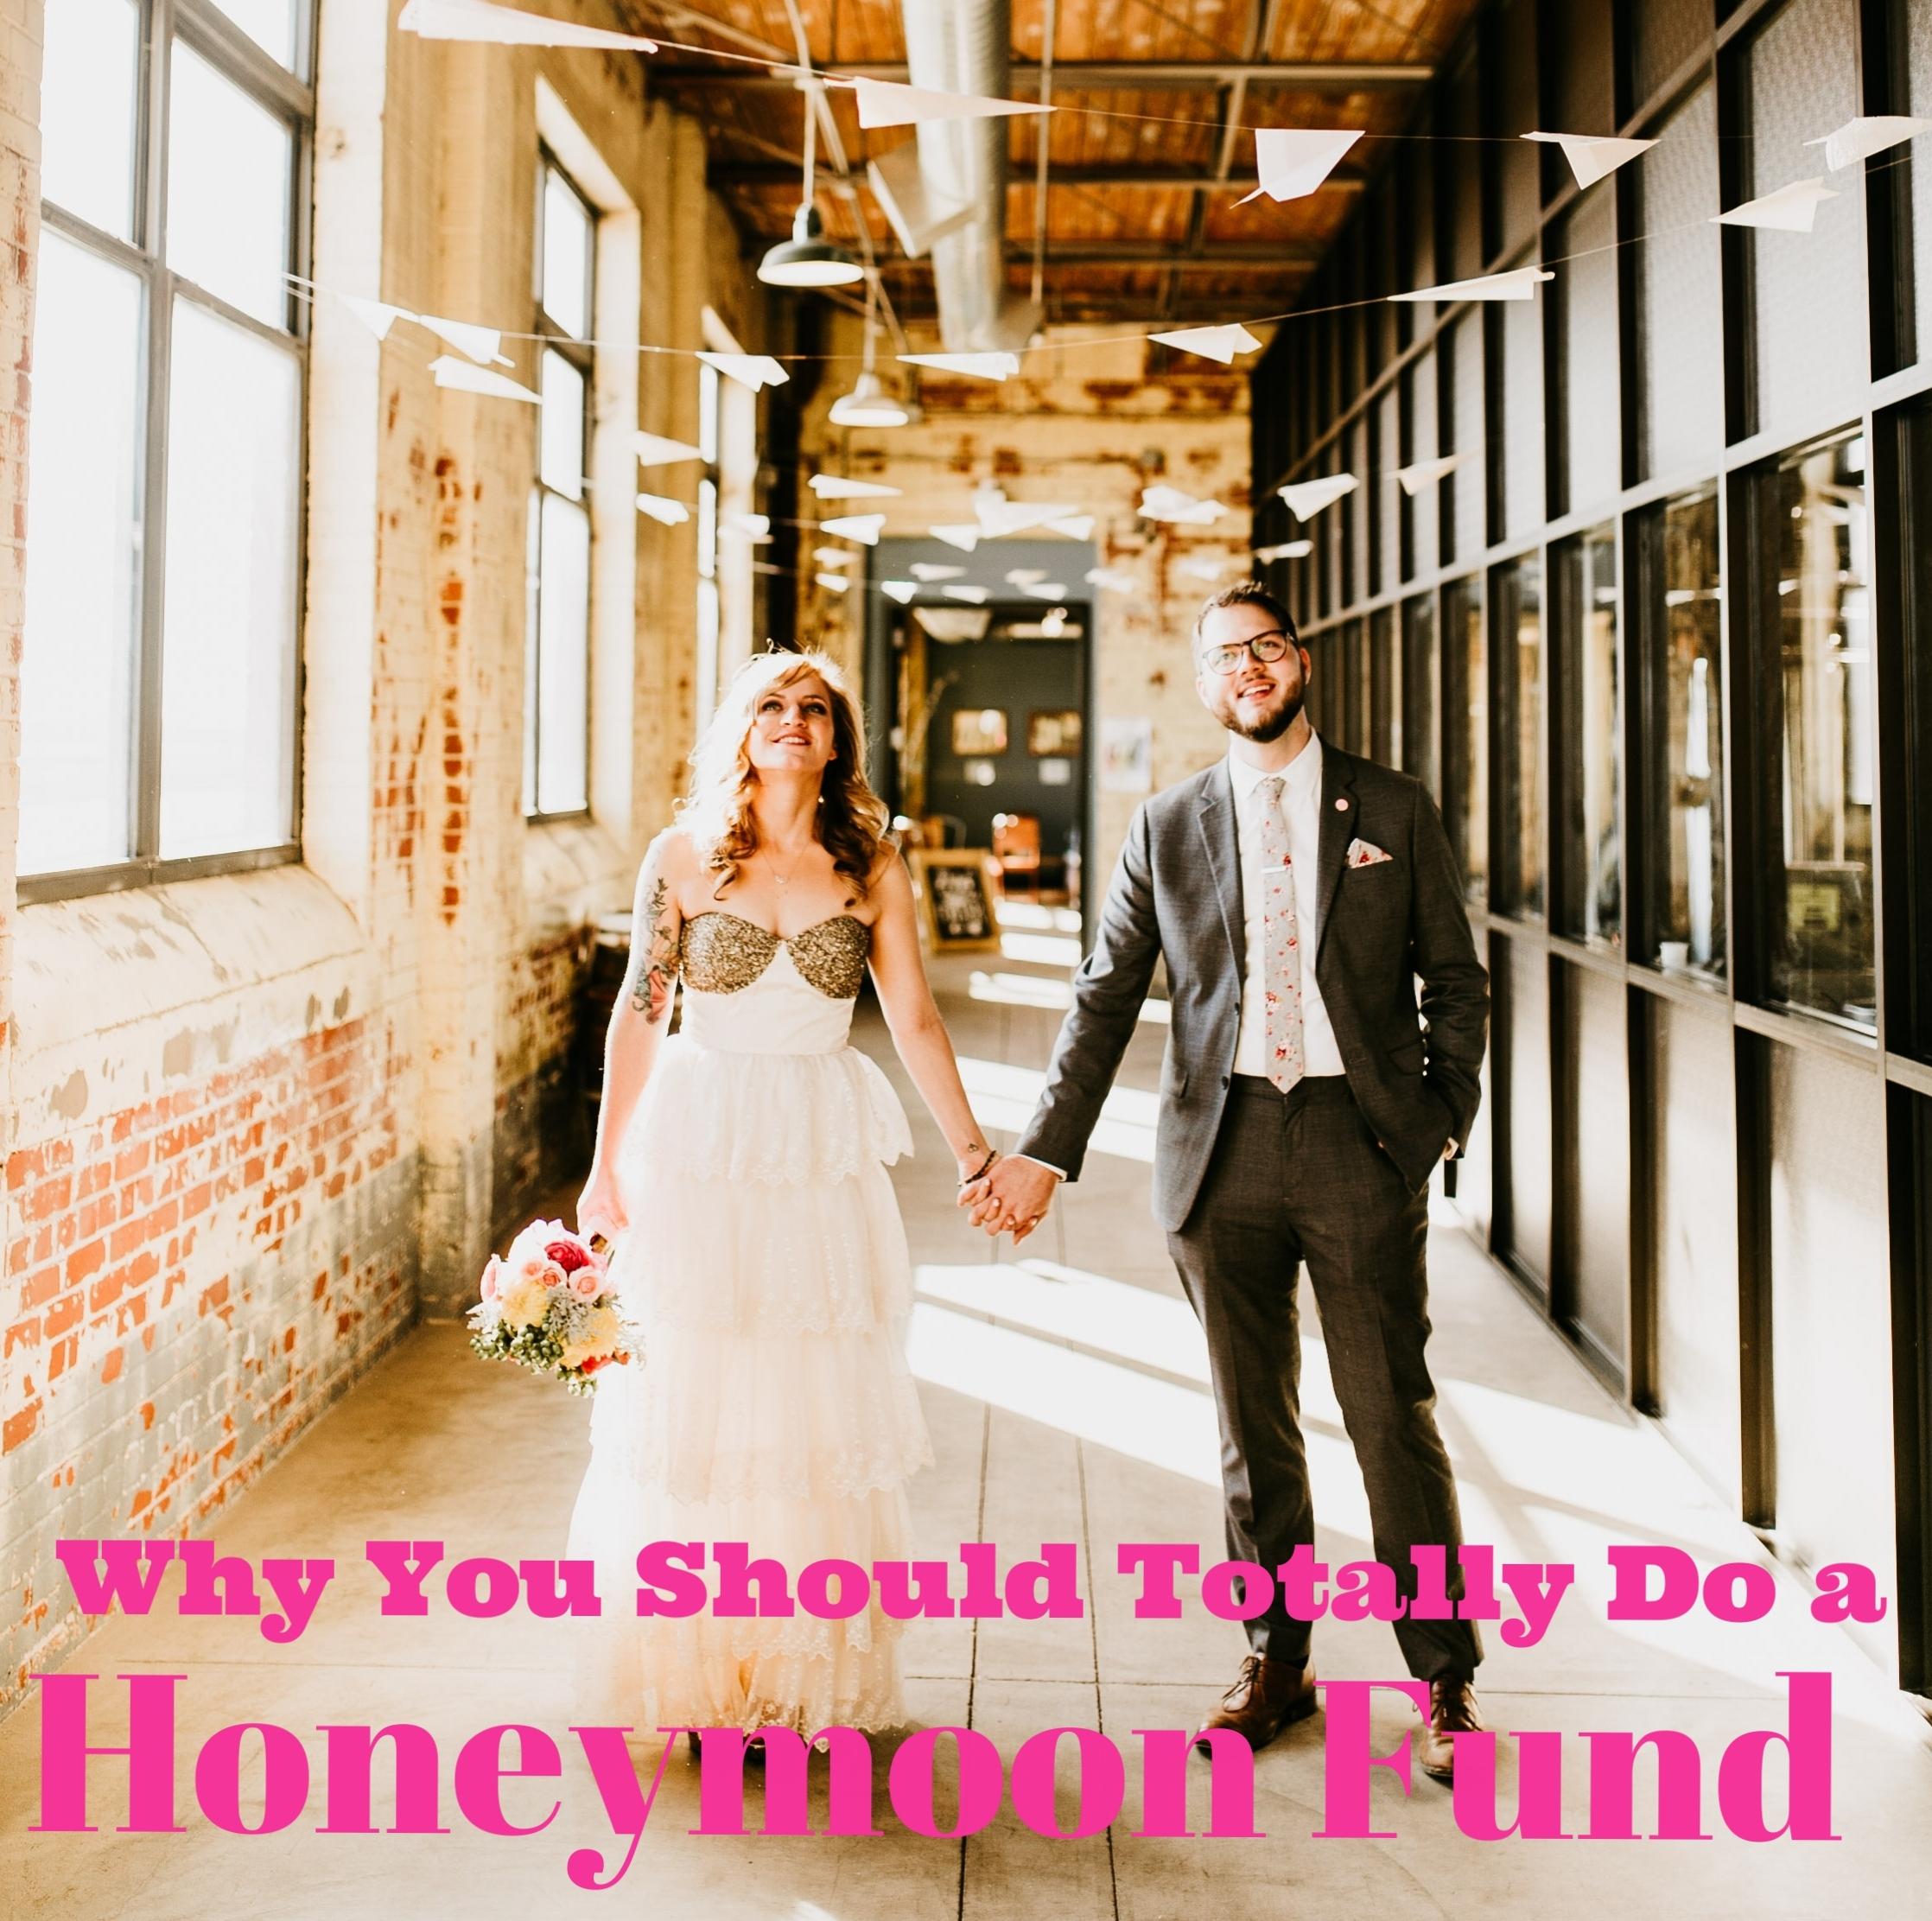 uprooted-traveler-honeyfund-wanderable-honeymoon-registry.jpg